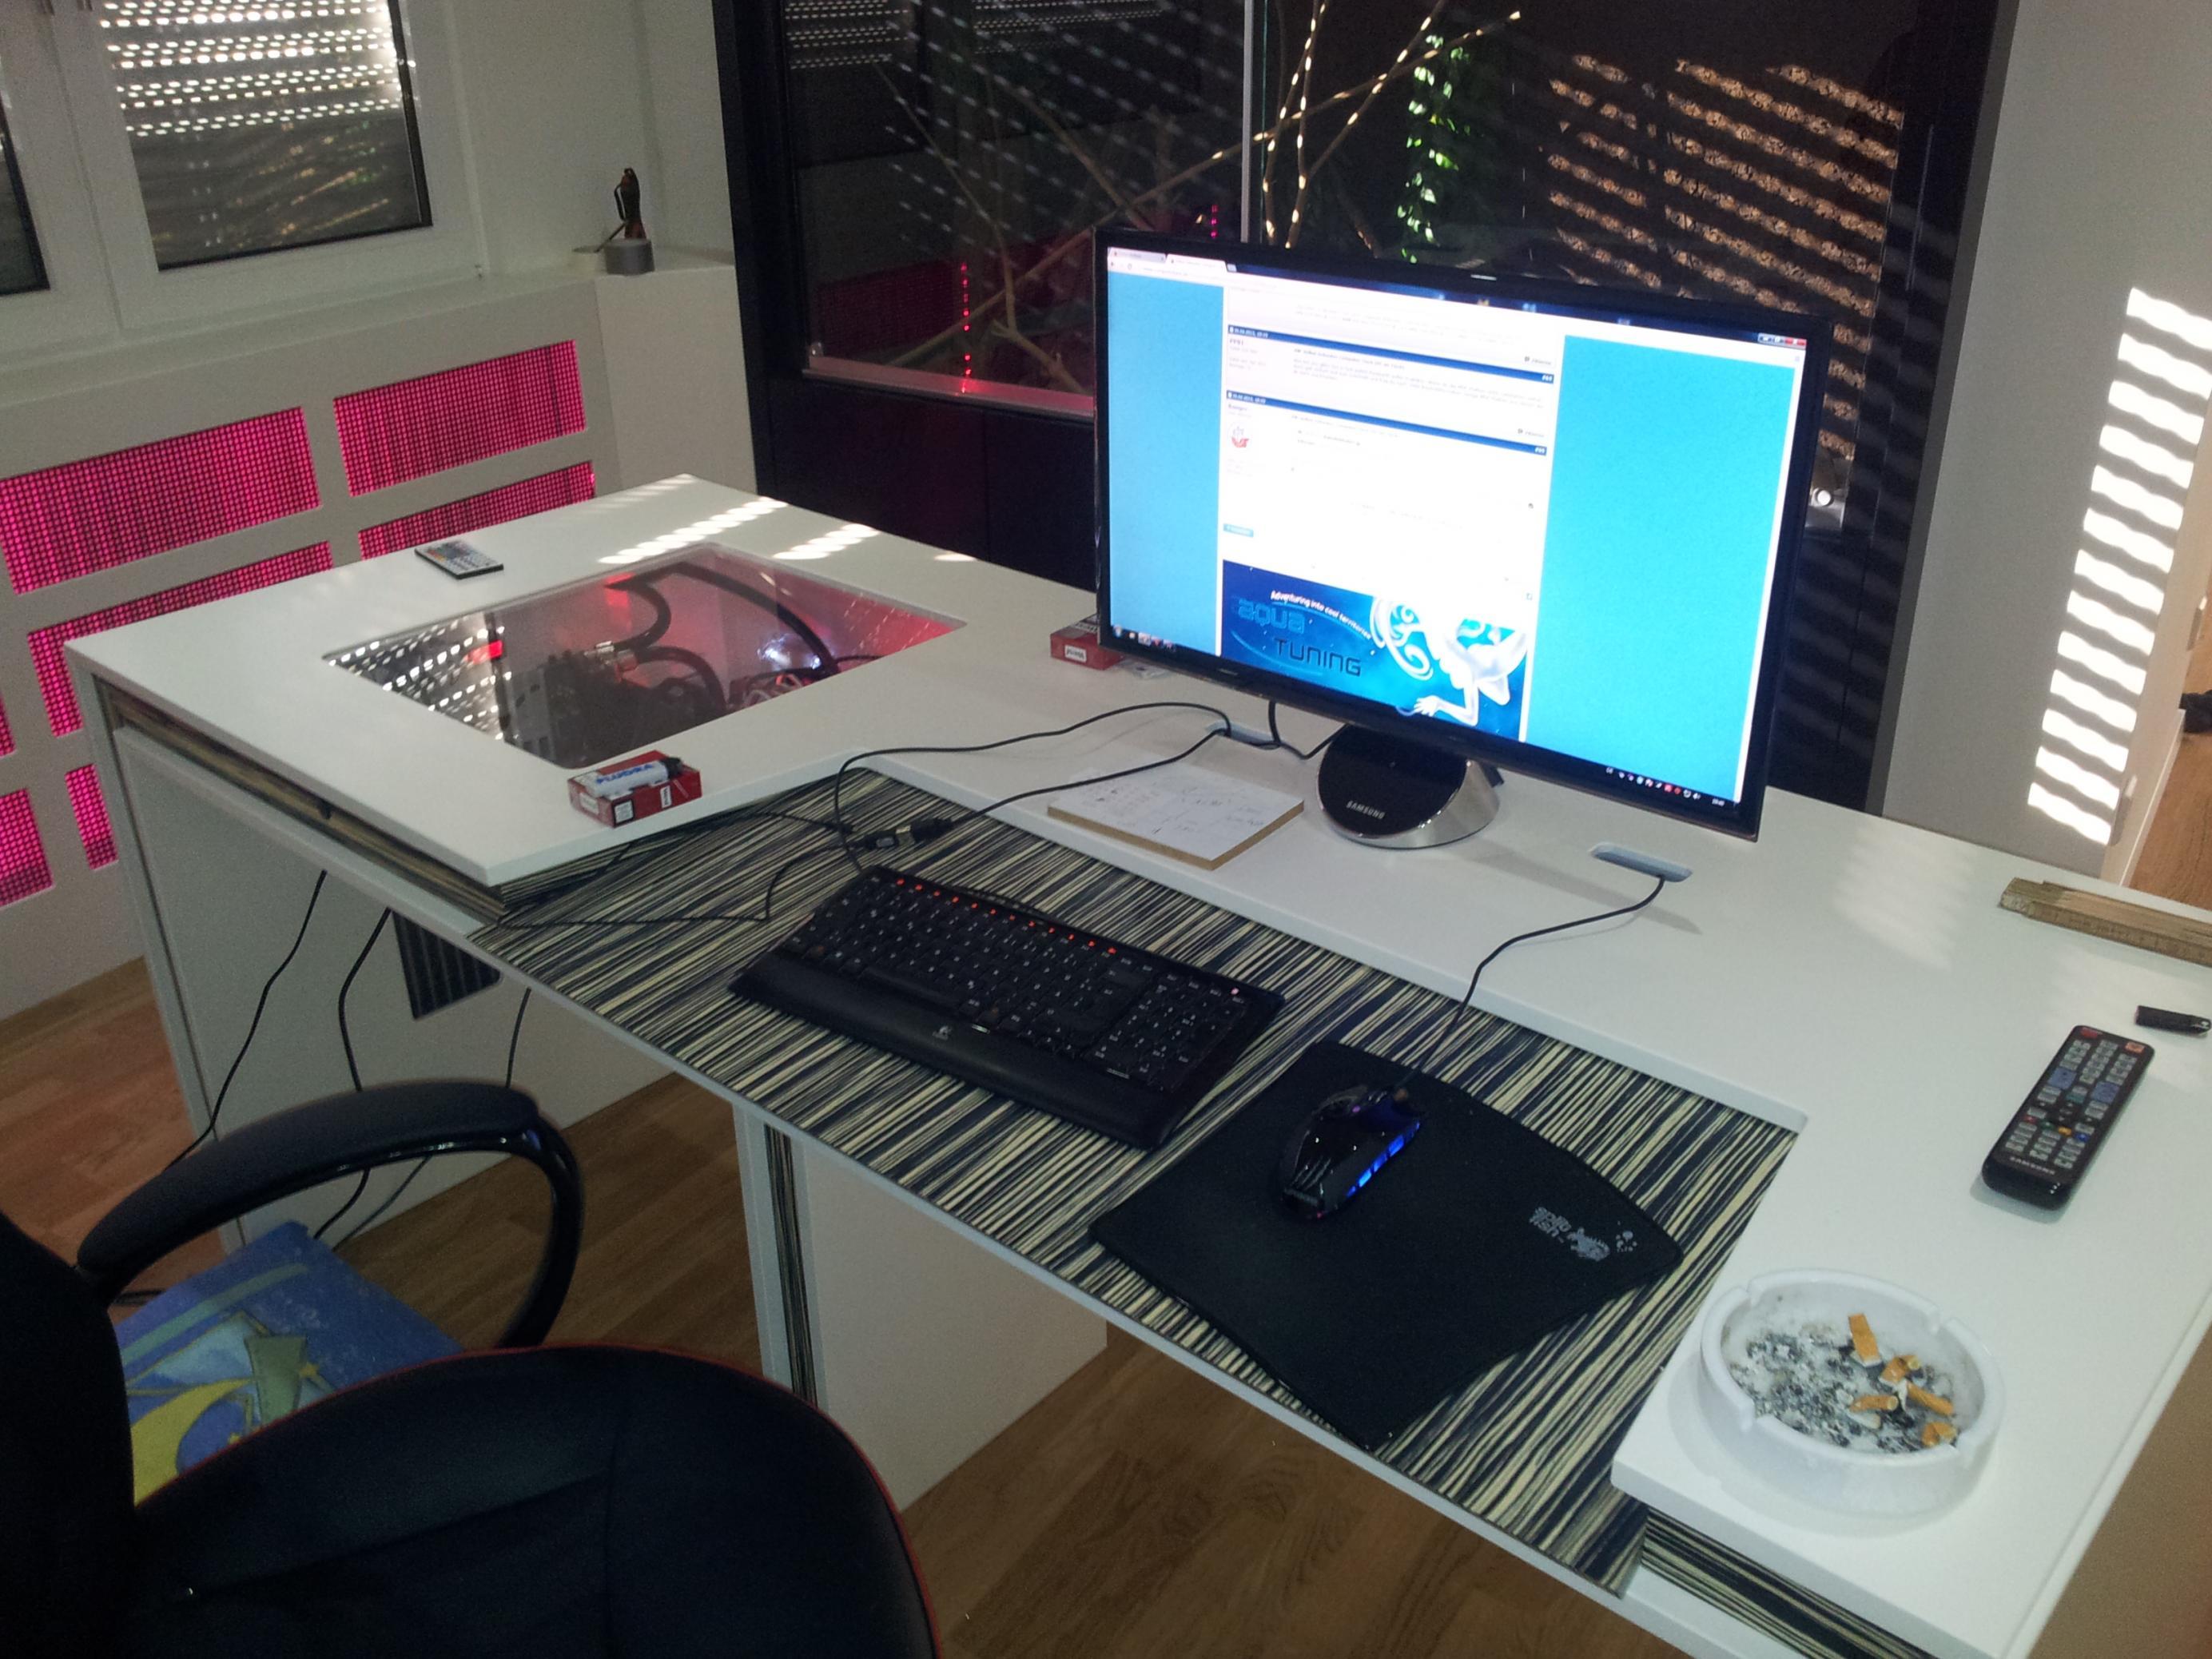 Computertisch gamer  Selbst Gebauter Computer Tisch (PC im Tisch) - Seite 4 ...